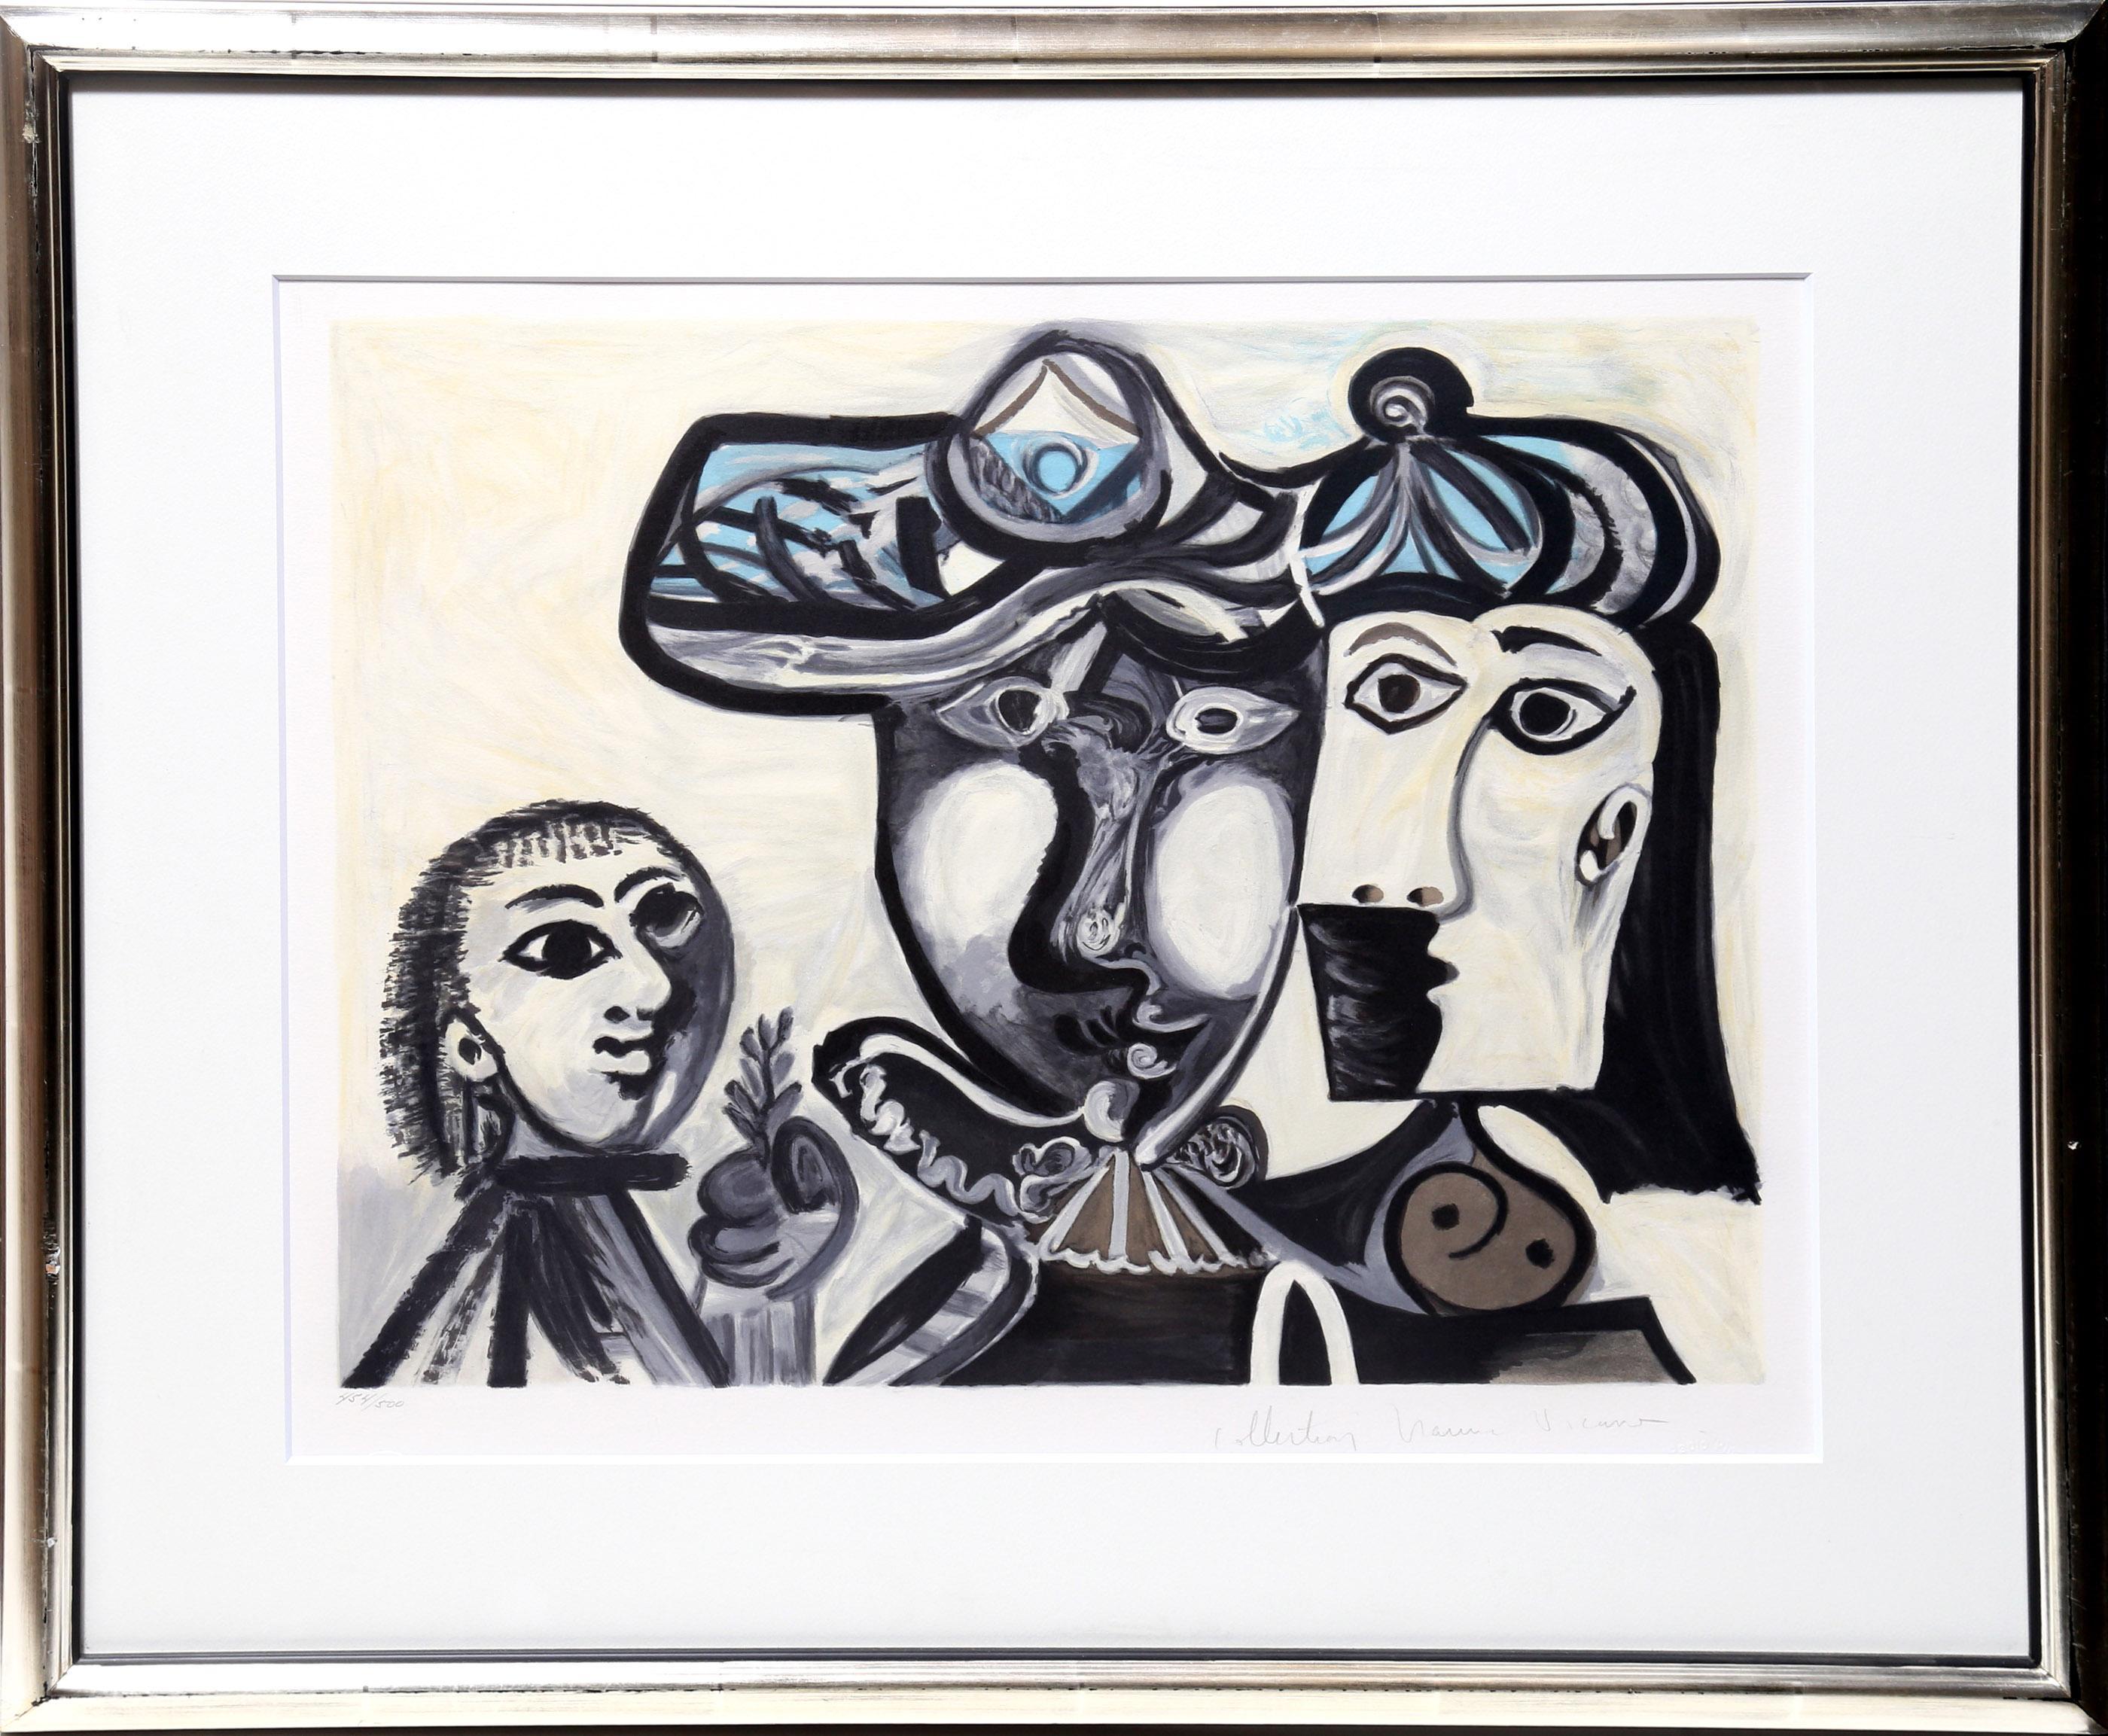 Pablo Picasso, Couple et Enfant au Rameau d'Olivier, Lithograph